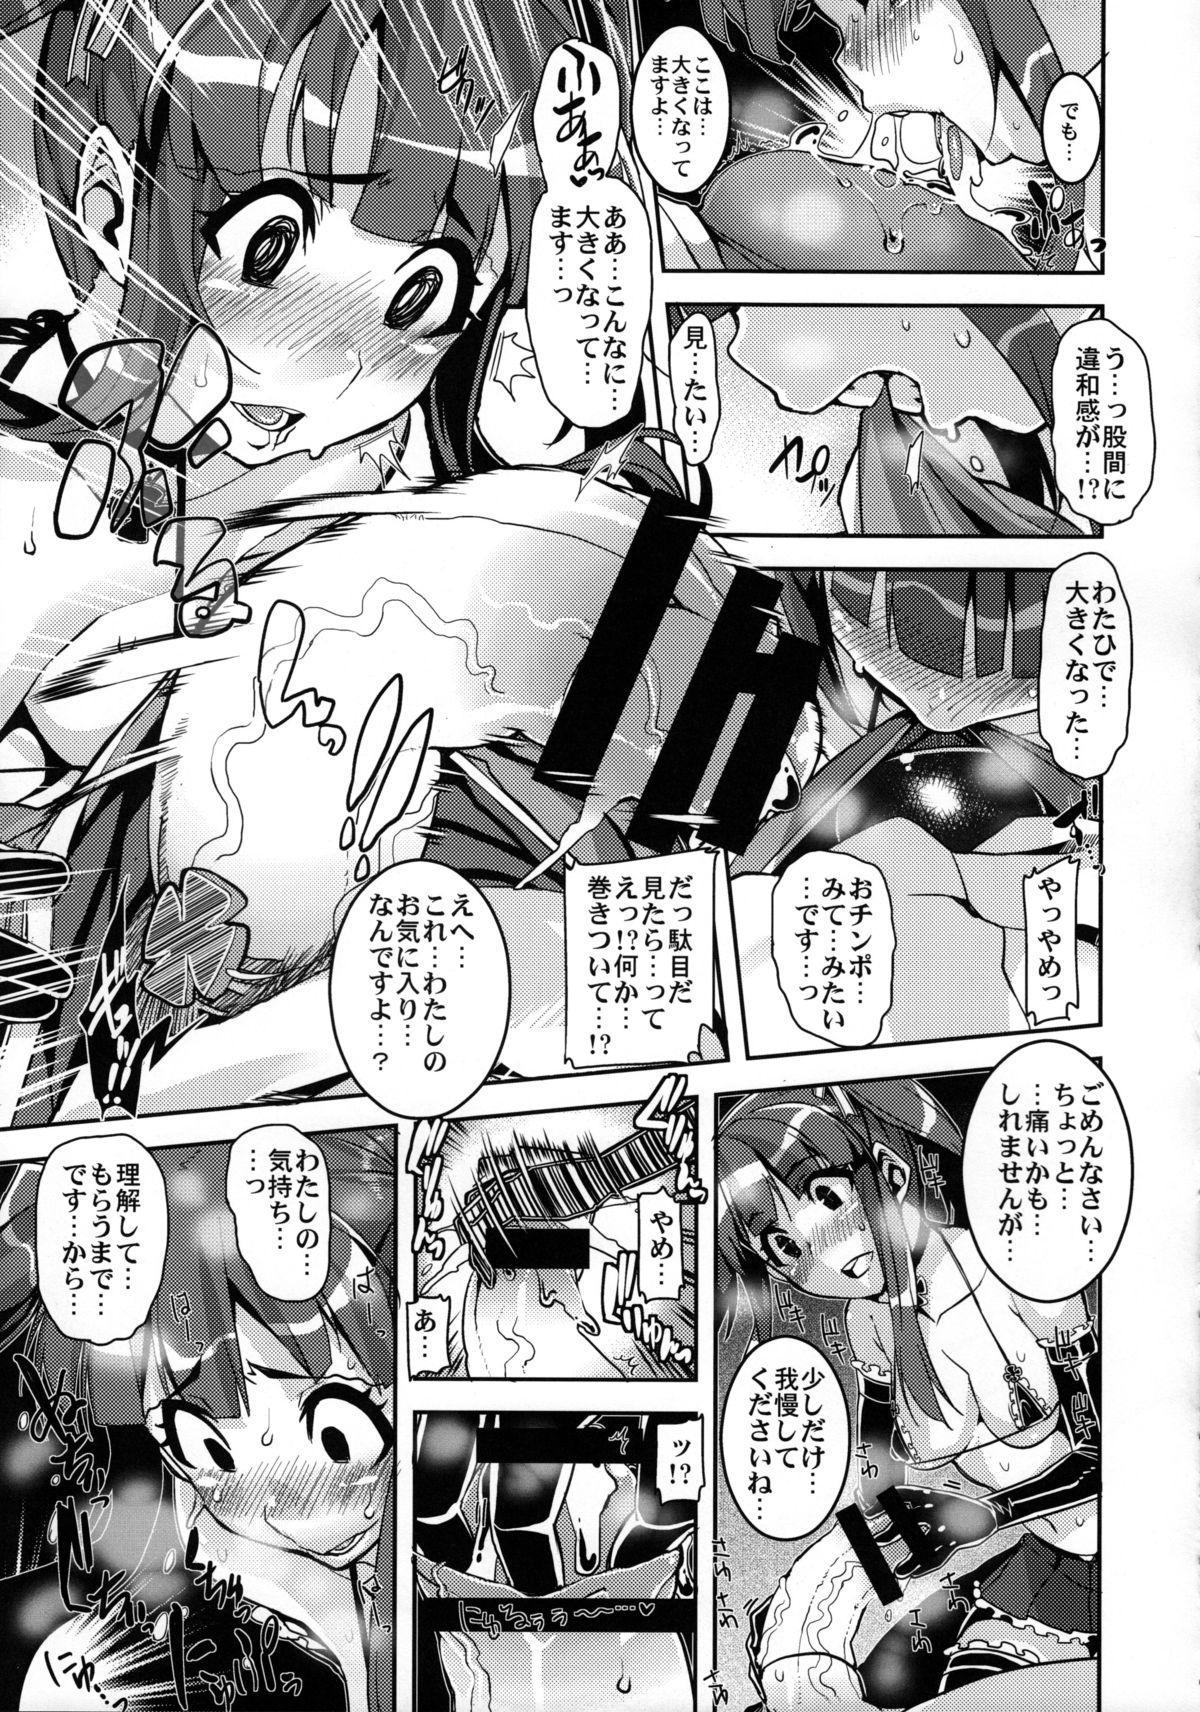 Kyousei:P Chieri Iro Kyokudai Up 9